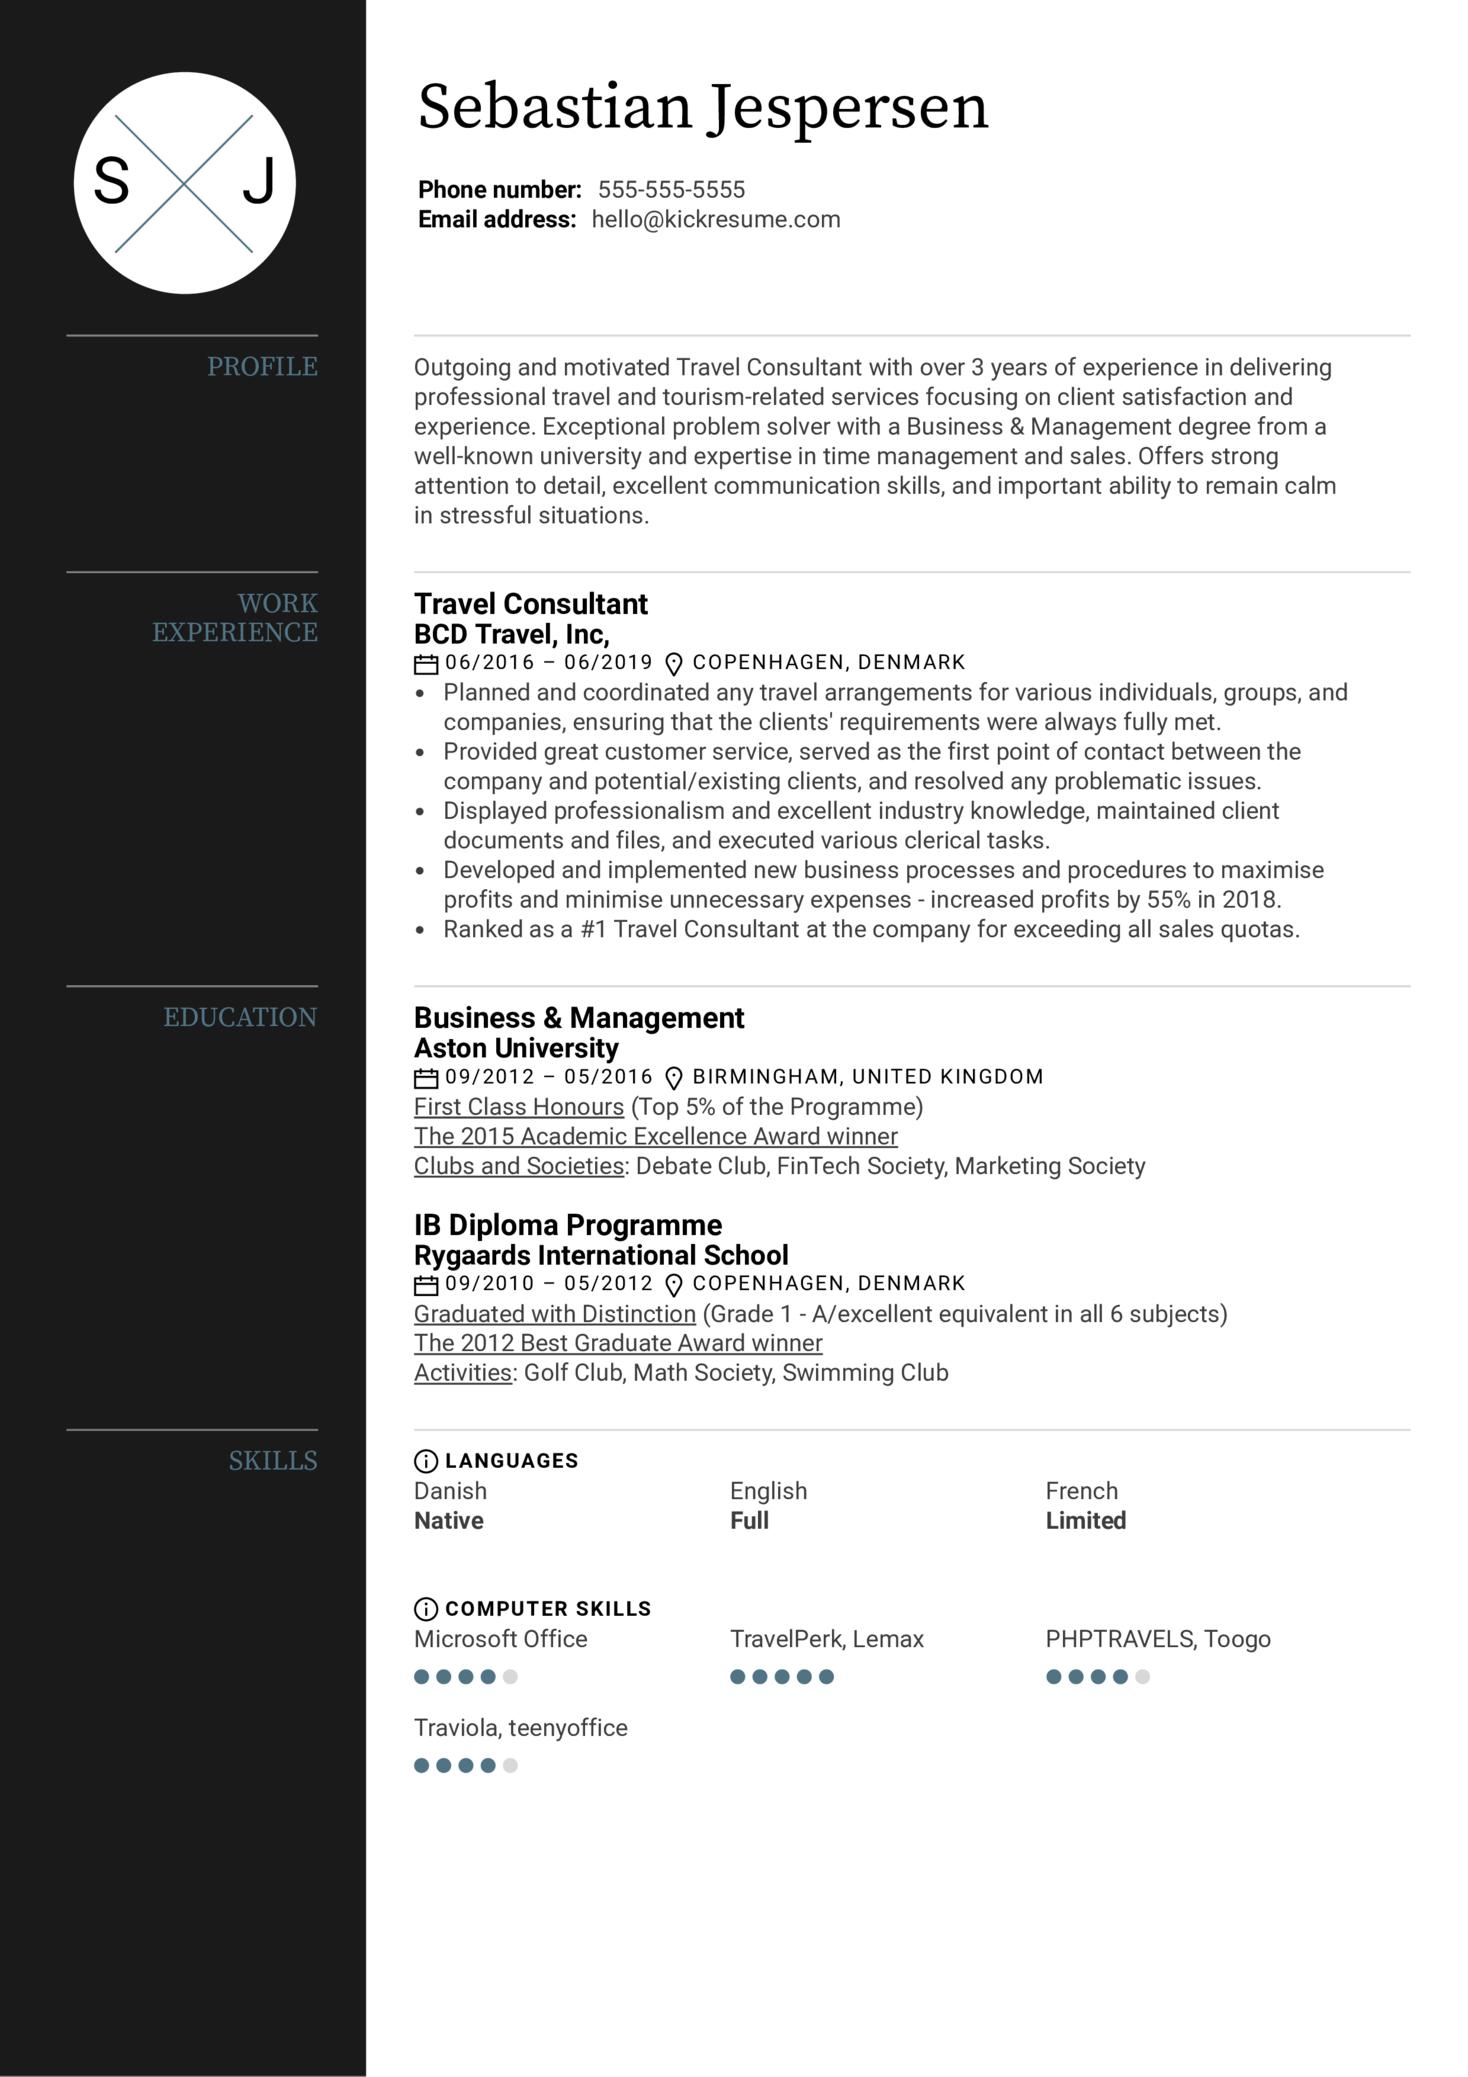 Travel Consultant Resume Sample (časť 1)